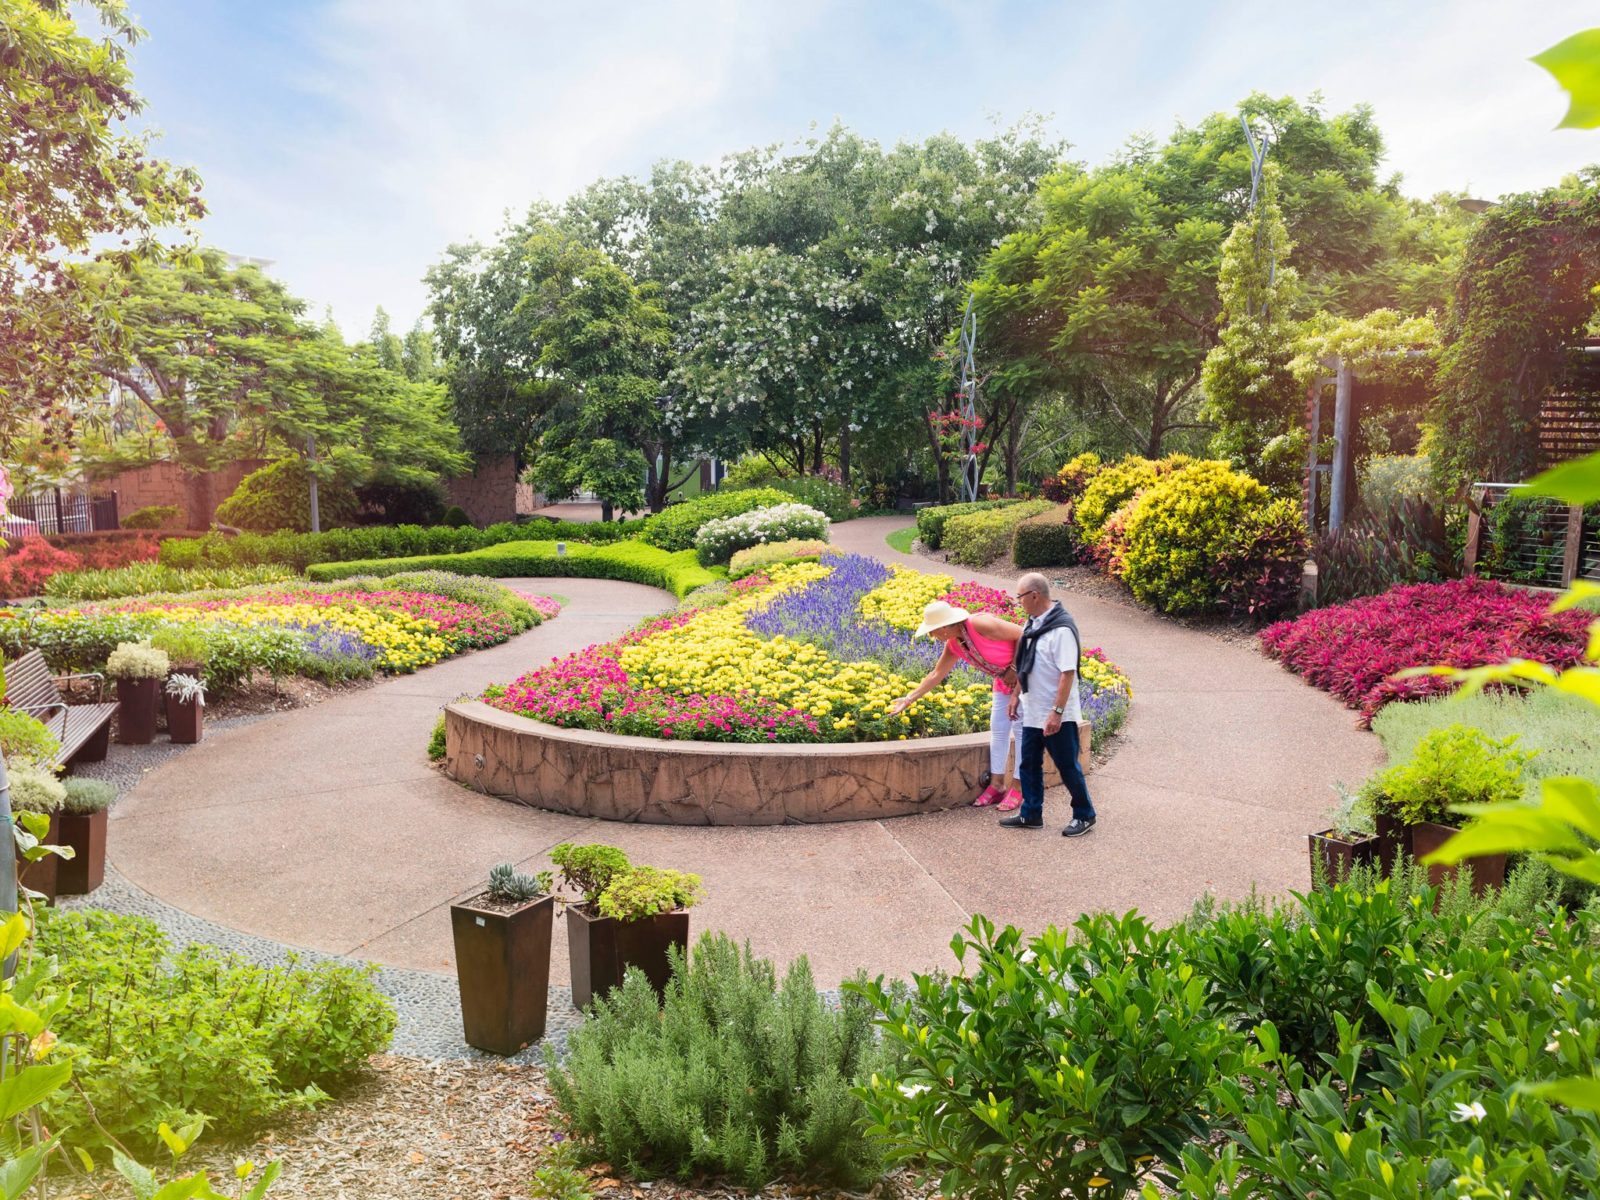 Spectacle Garden